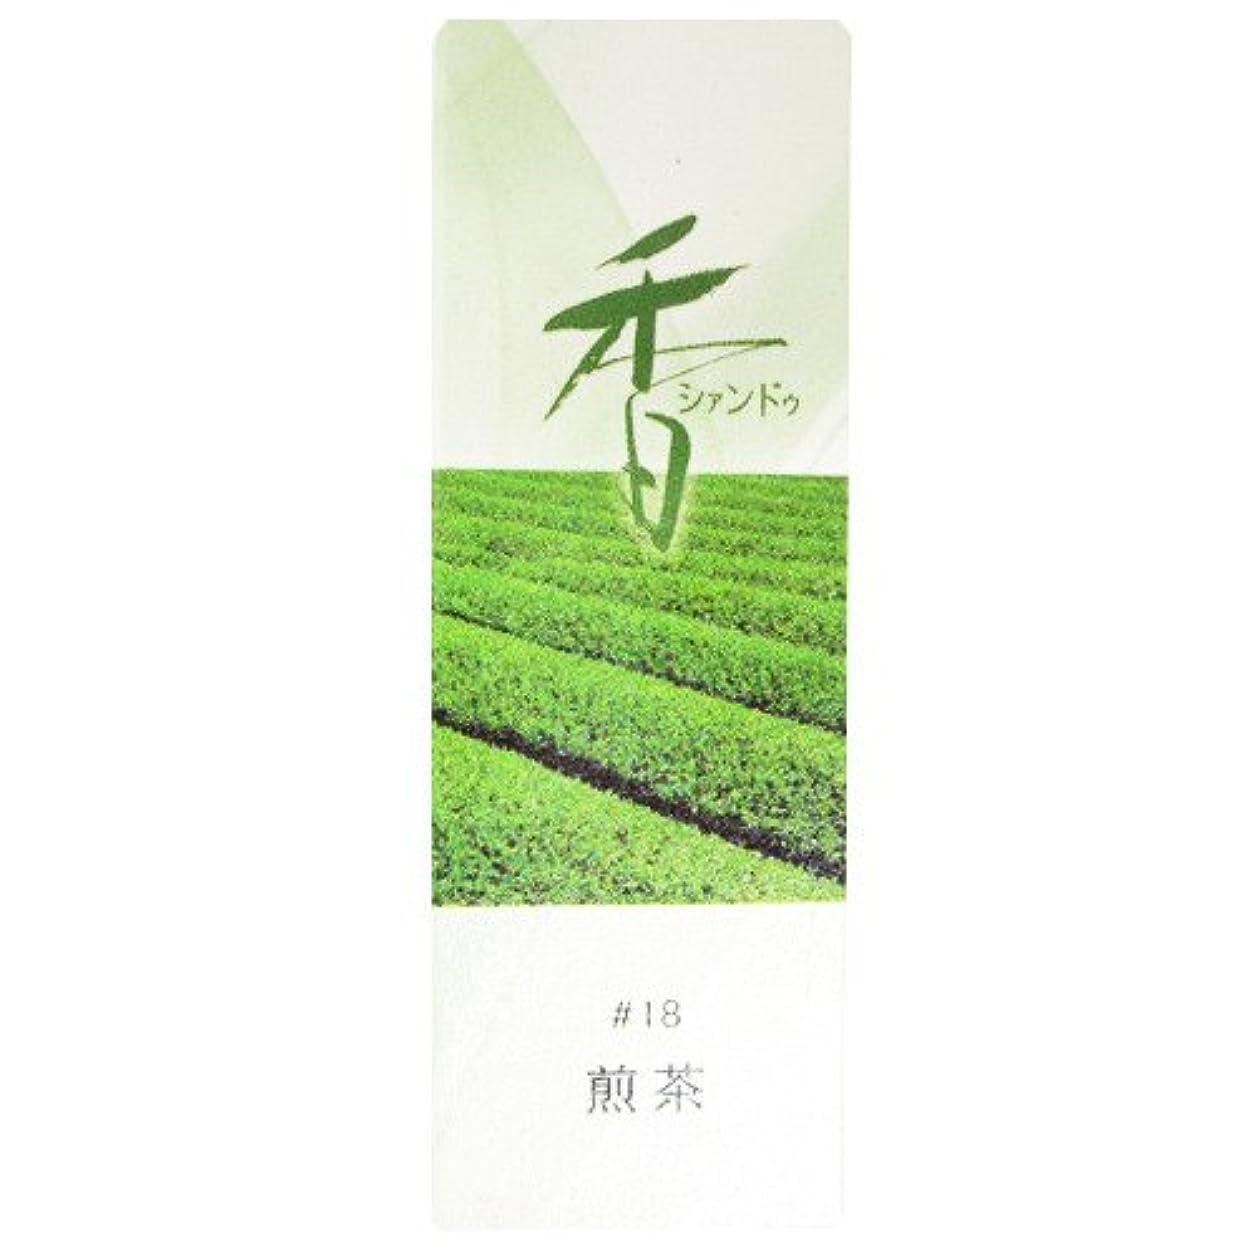 ロケーション影響力のある決定的松栄堂のお香 Xiang Do(シャンドゥ) 煎茶 ST20本入 簡易香立付 #214218